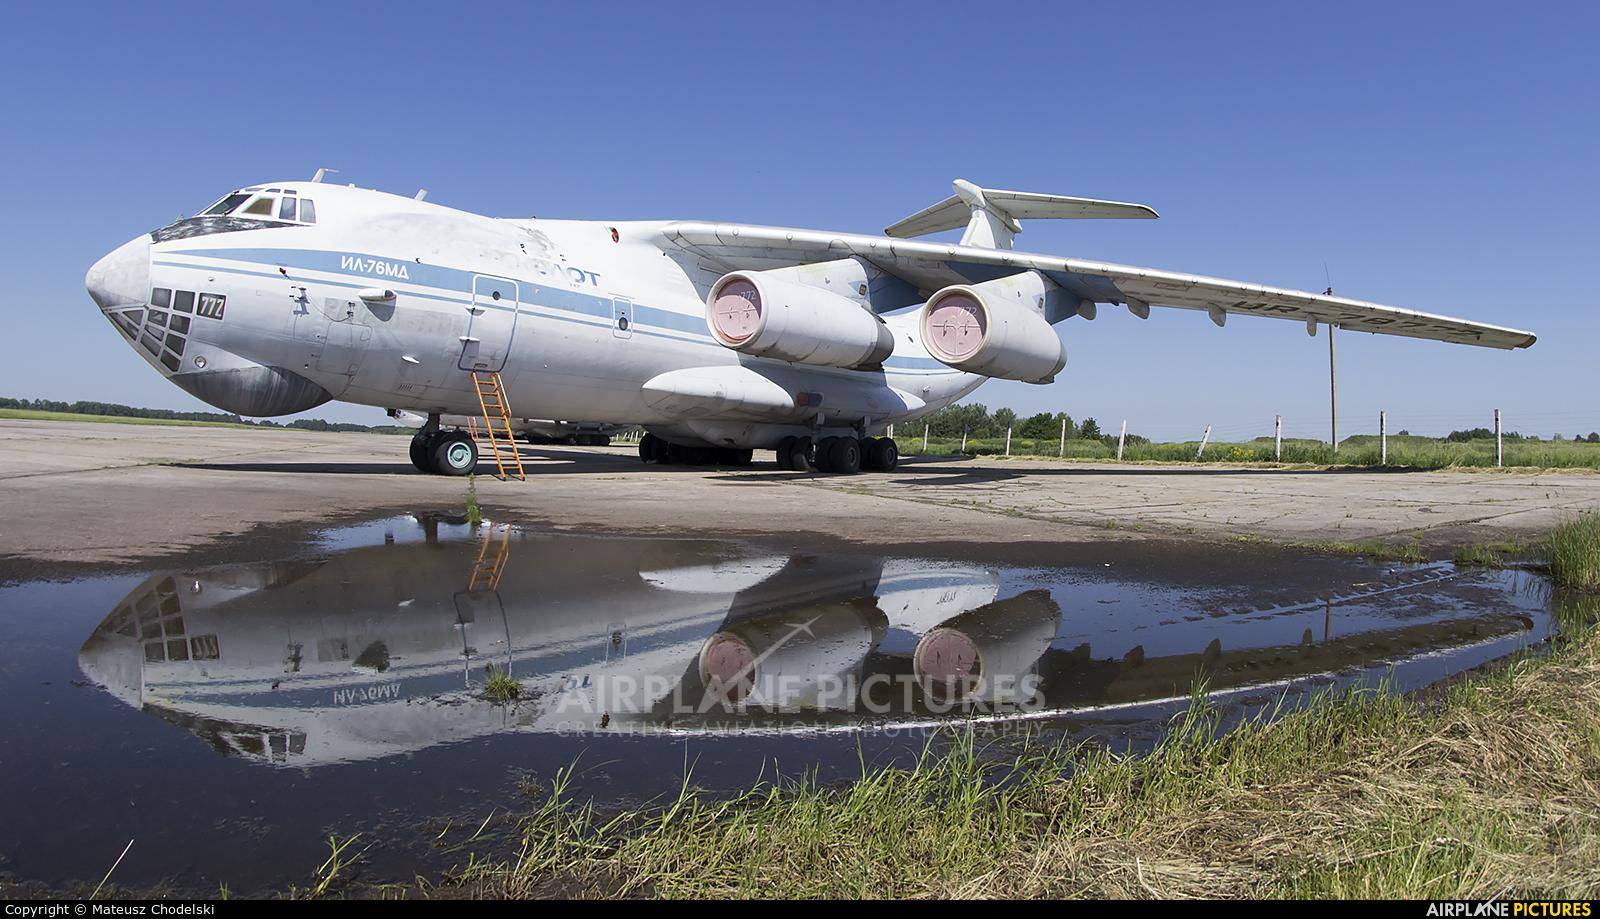 UR-78772 aircraft at -Do Not Use-